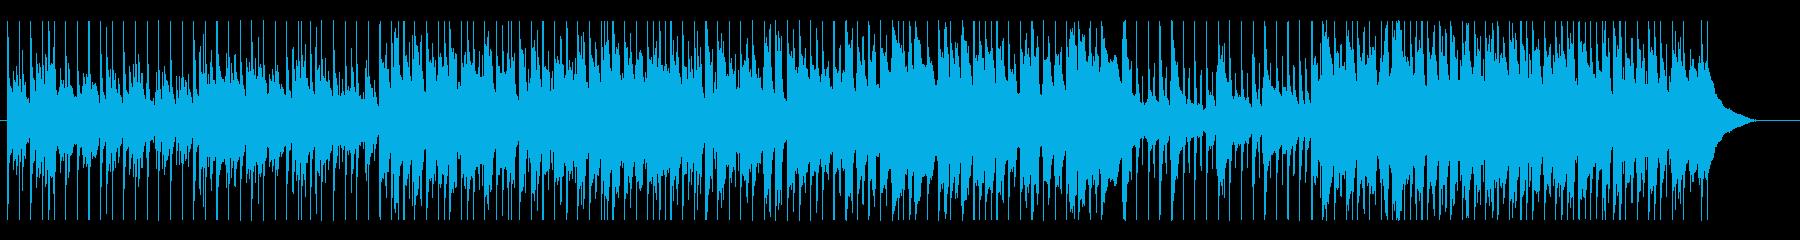 ポップインストゥルメンタル。幸せな...の再生済みの波形